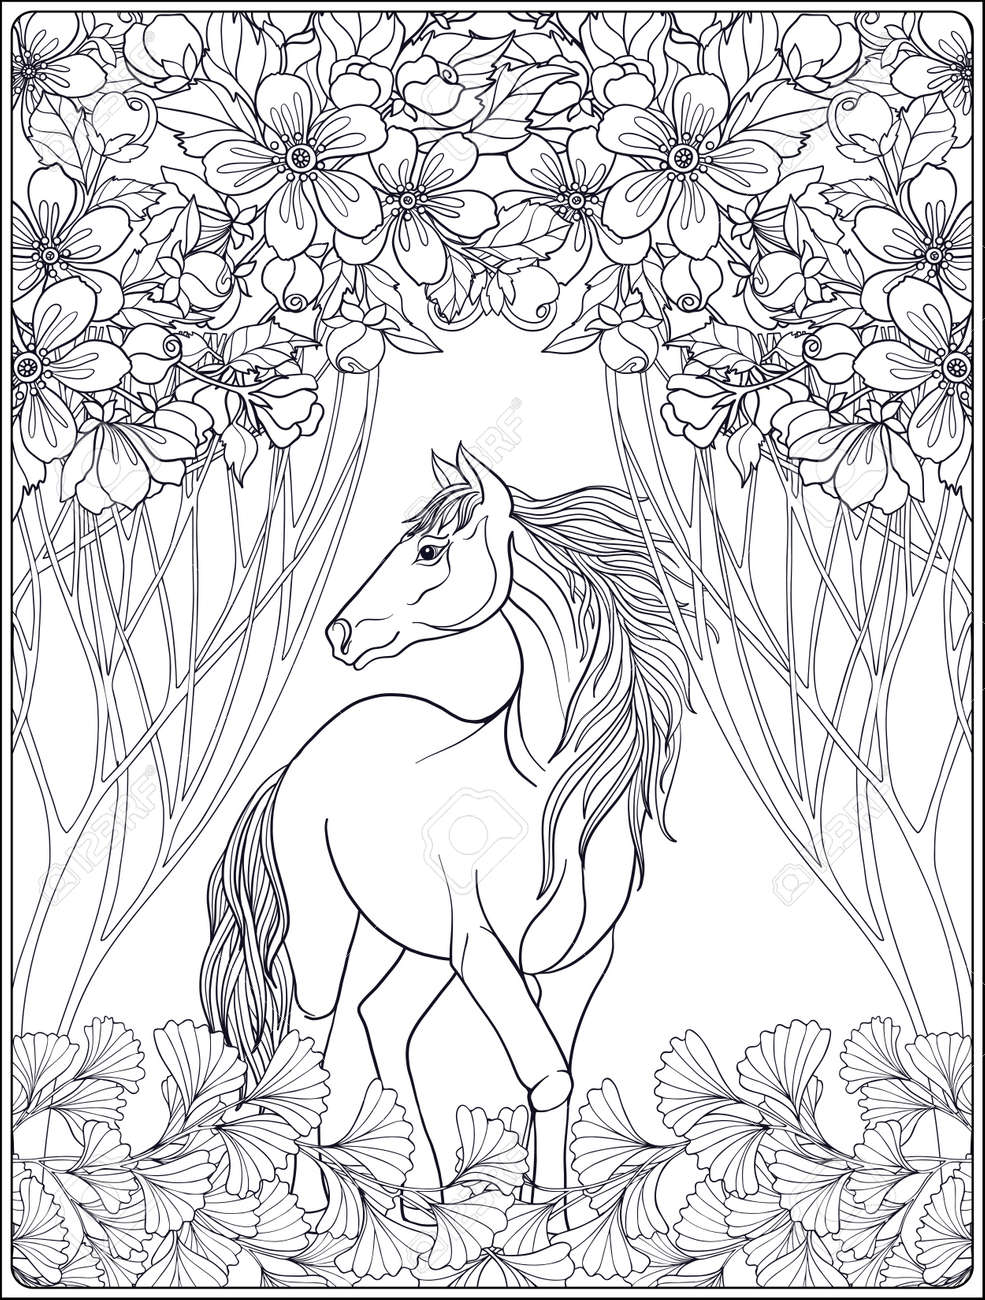 Vettoriale Cavallo In Giardino Illustrazione Vettoriale Libro Da